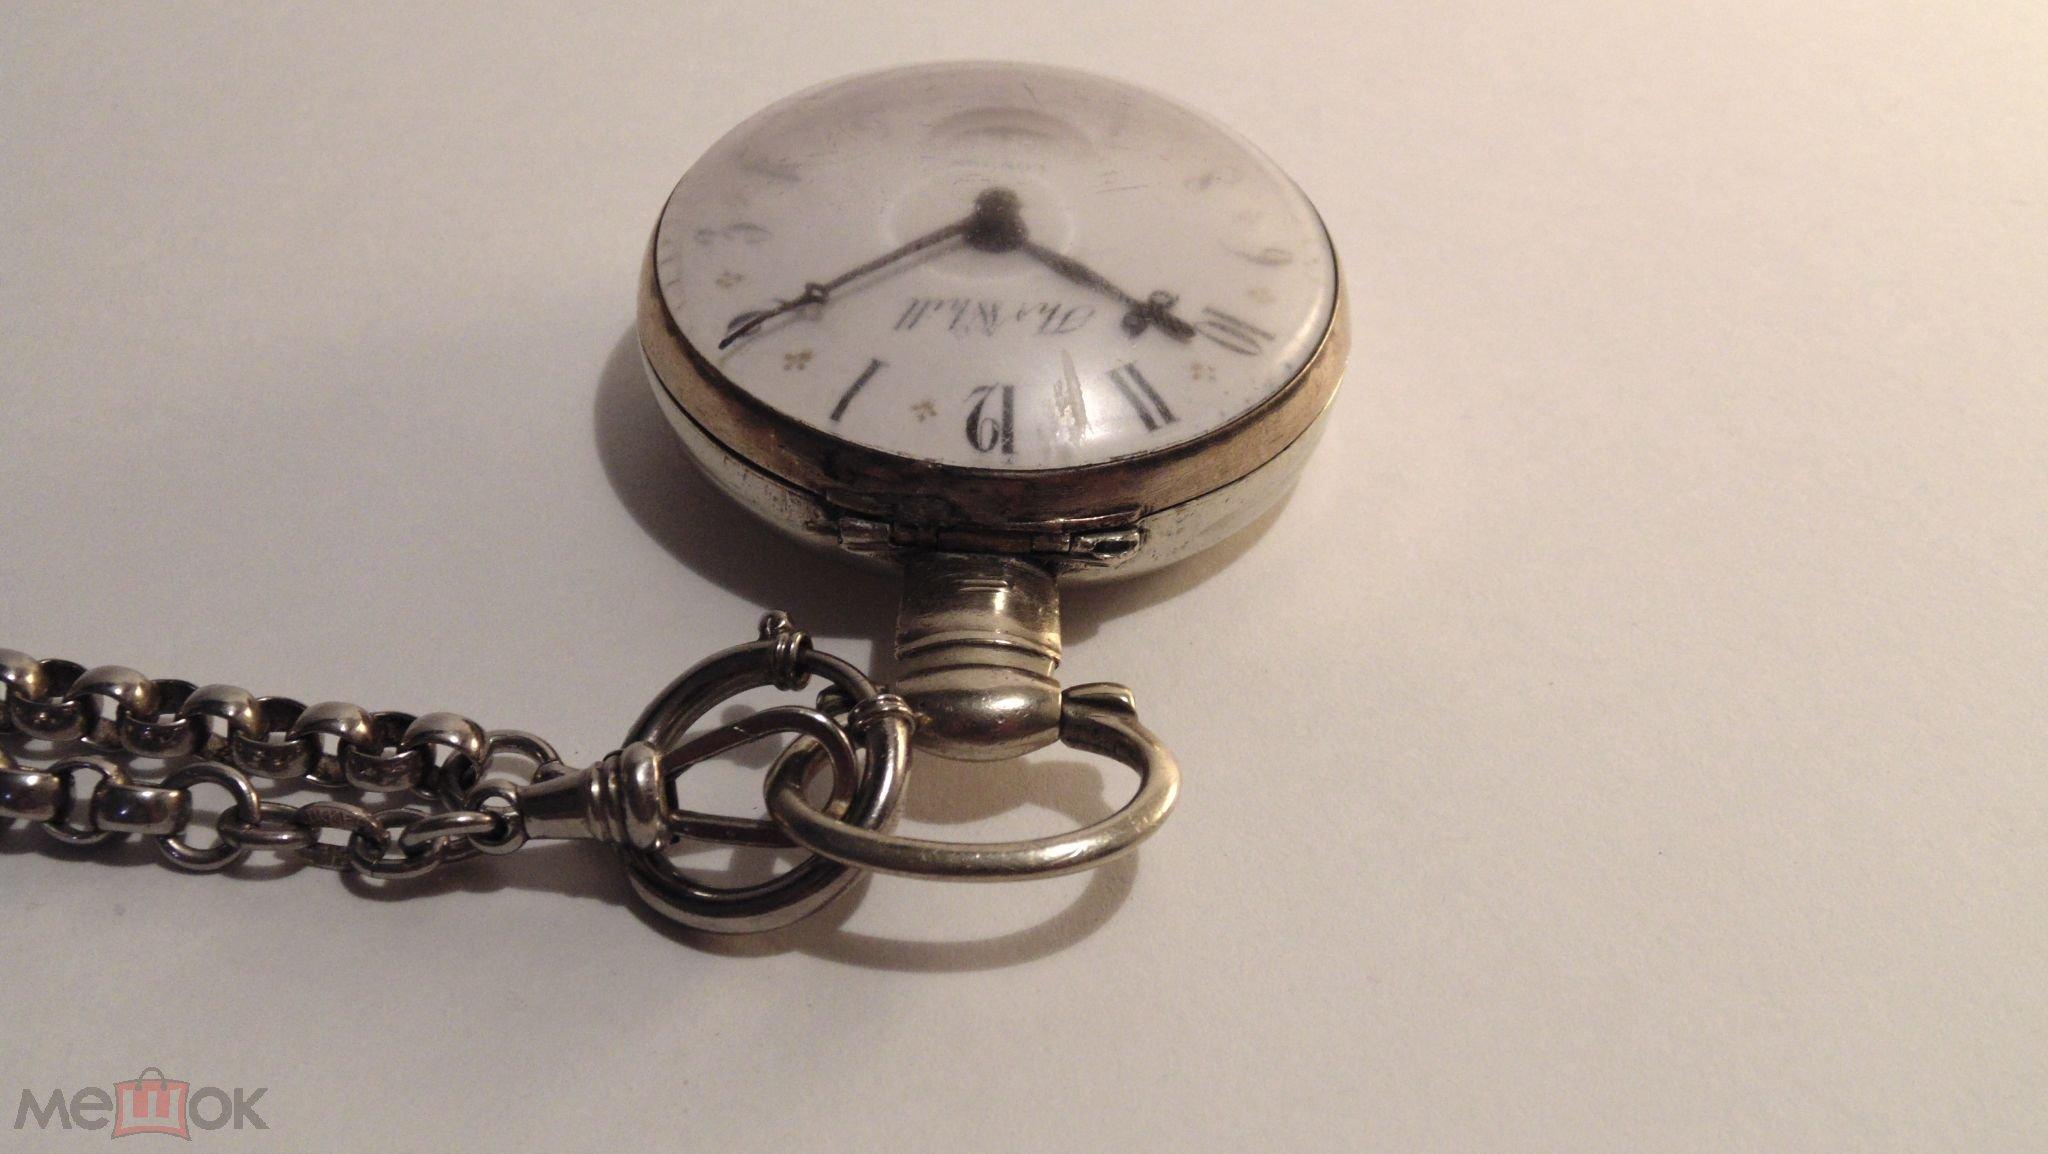 При этом вы сможете наглядно увидеть образцы и сделать выбор в пользу тех карманных часов, которые вам понравятся.